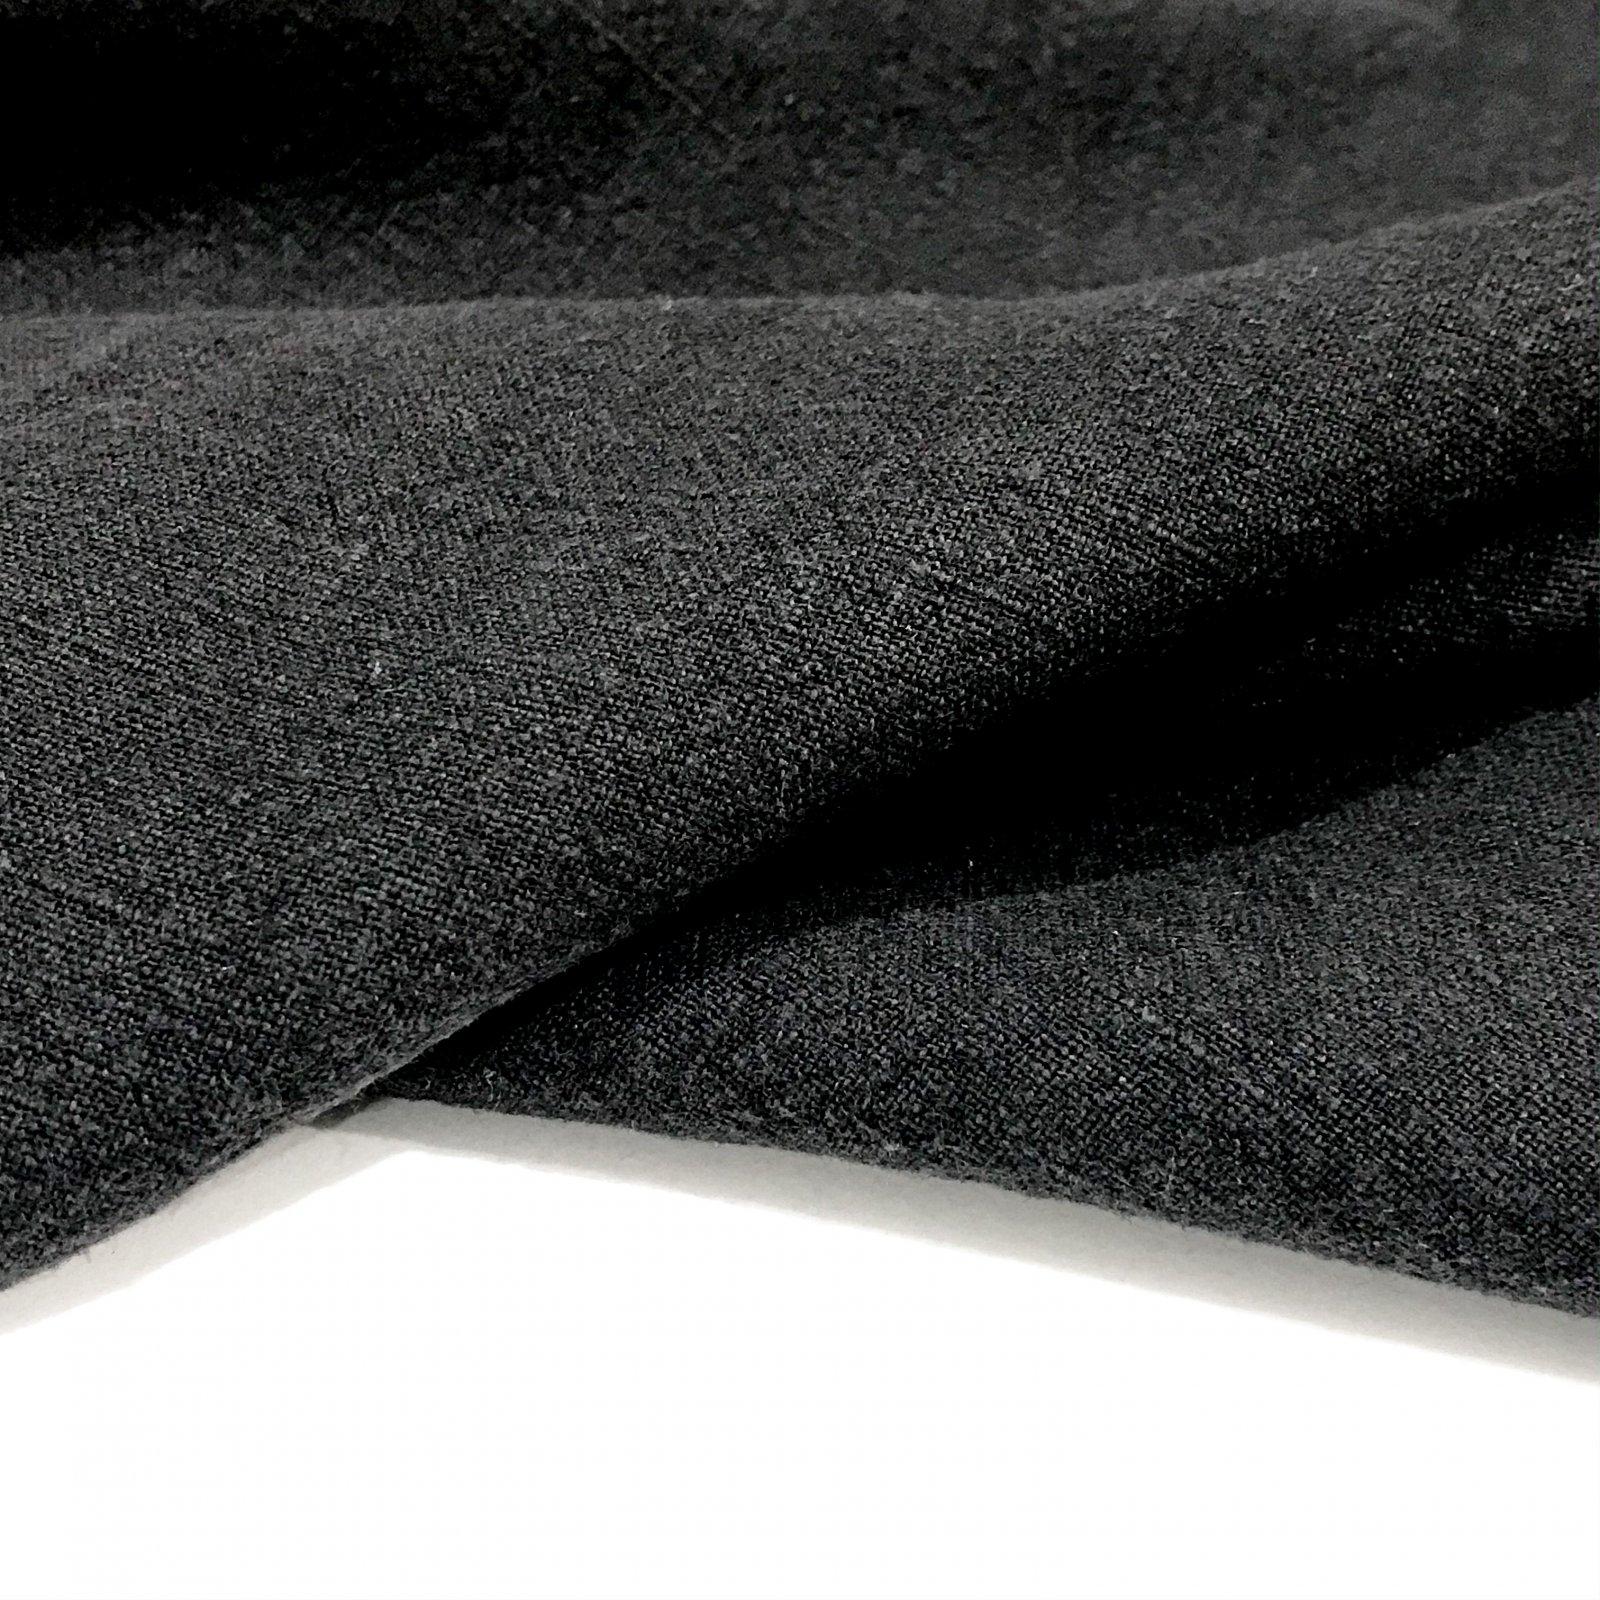 Linen - Washed Black